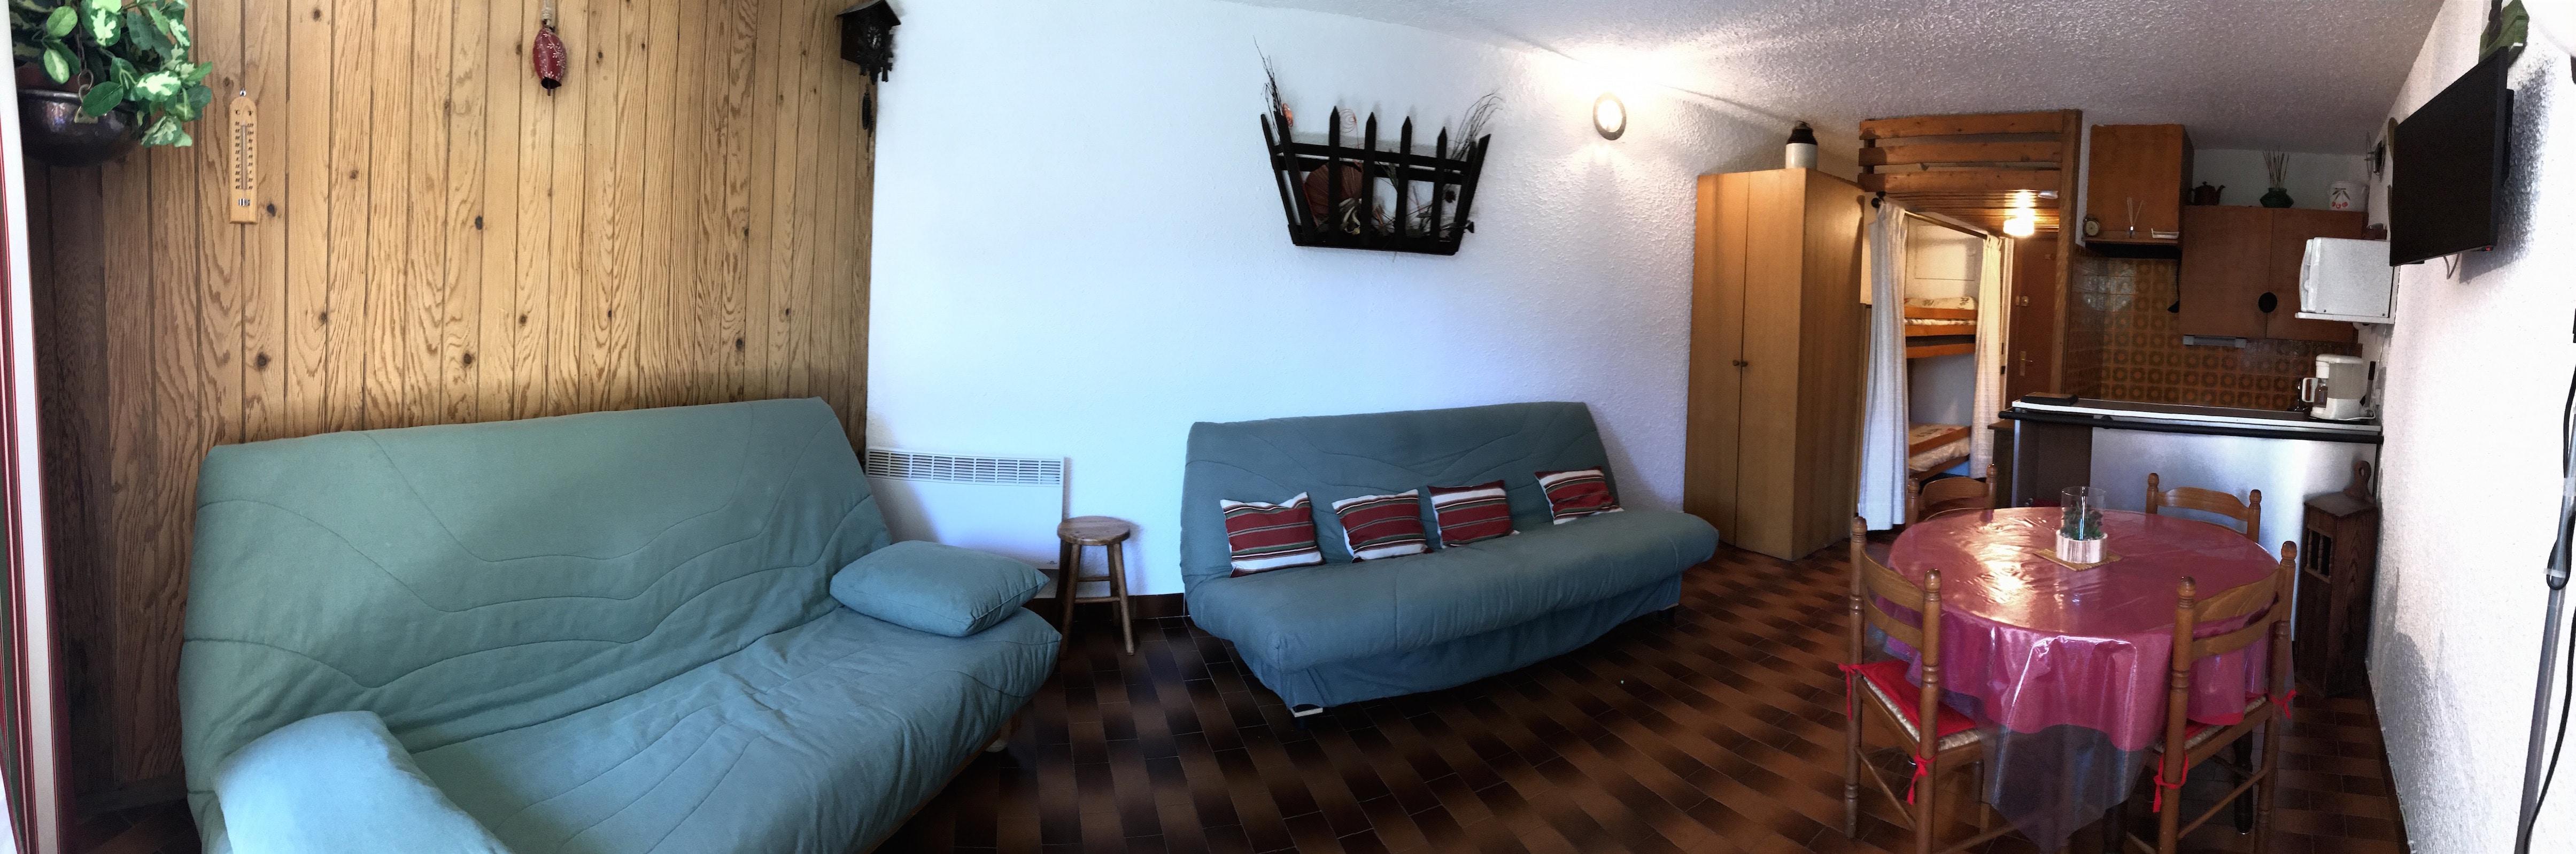 salon cuisine 2 ca - ANCELLE Studio montagne 28 m2 avec balcon